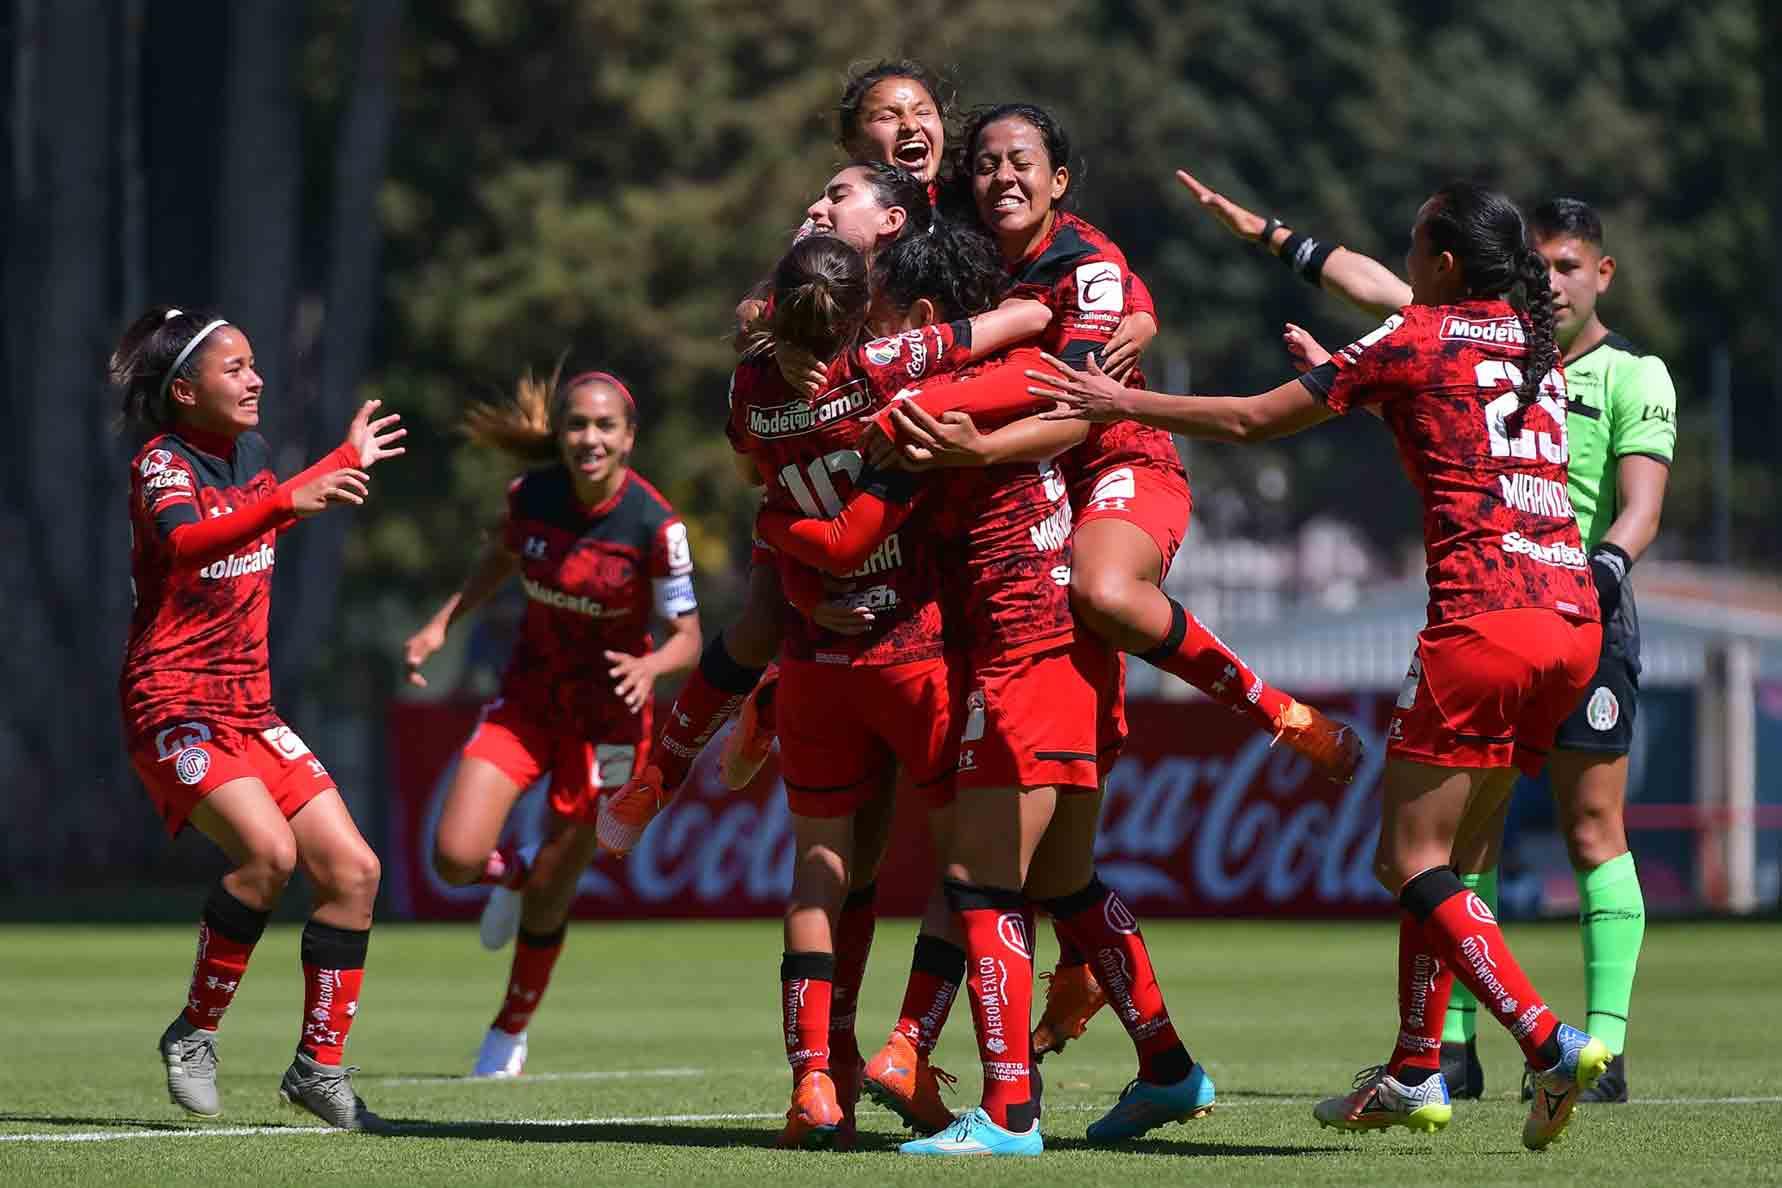 El futbol femenil en México registra un crecimiento récord en todos los niveles.